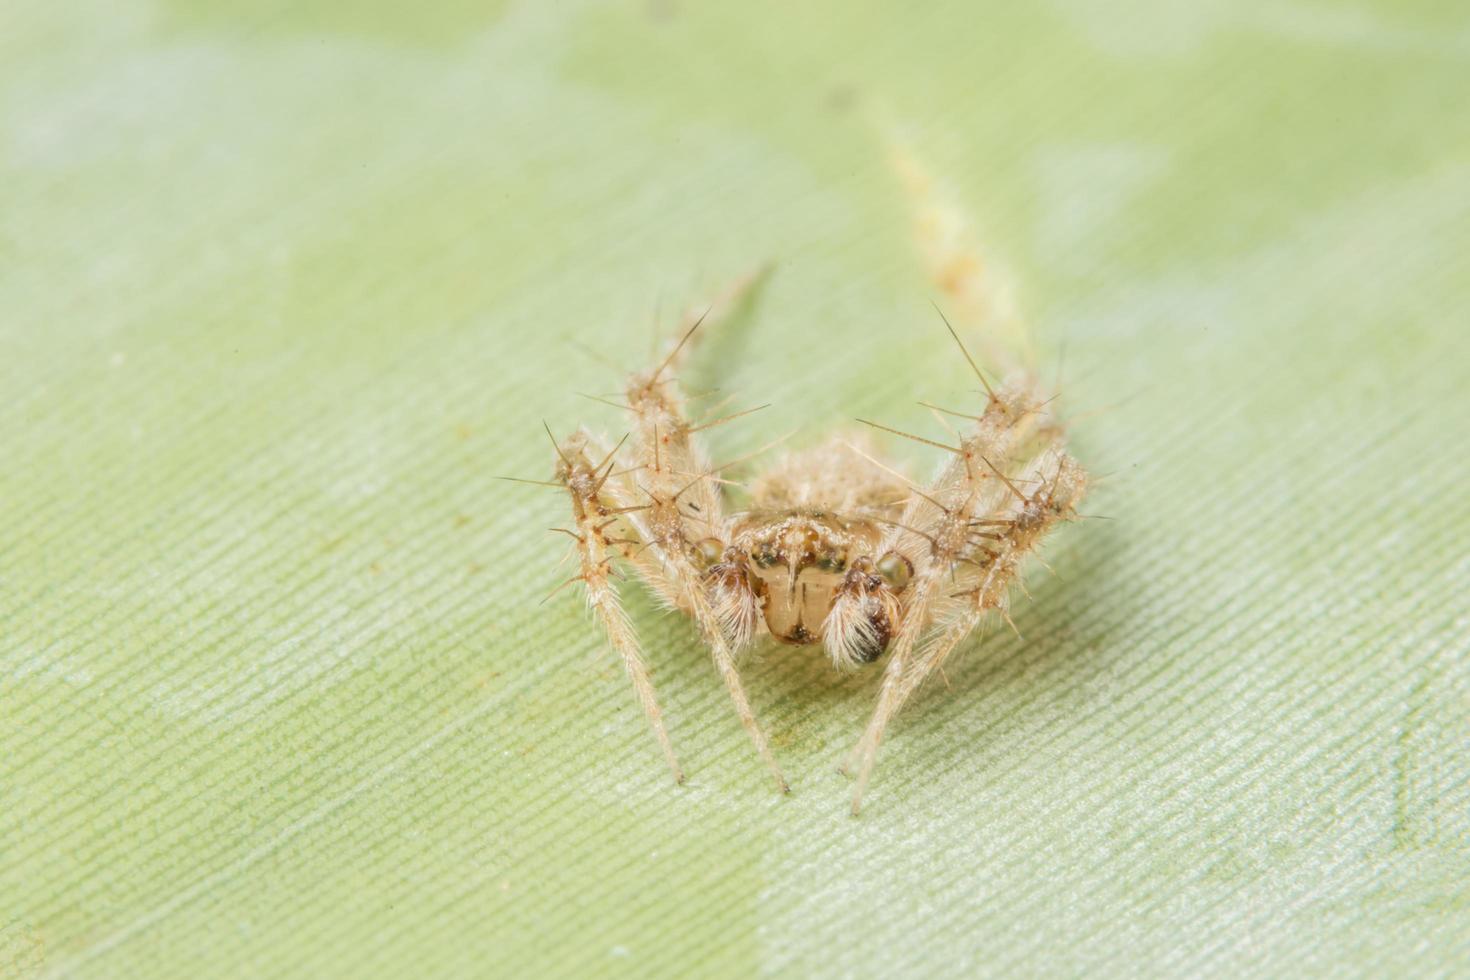 araignée macro traverse feuille photo